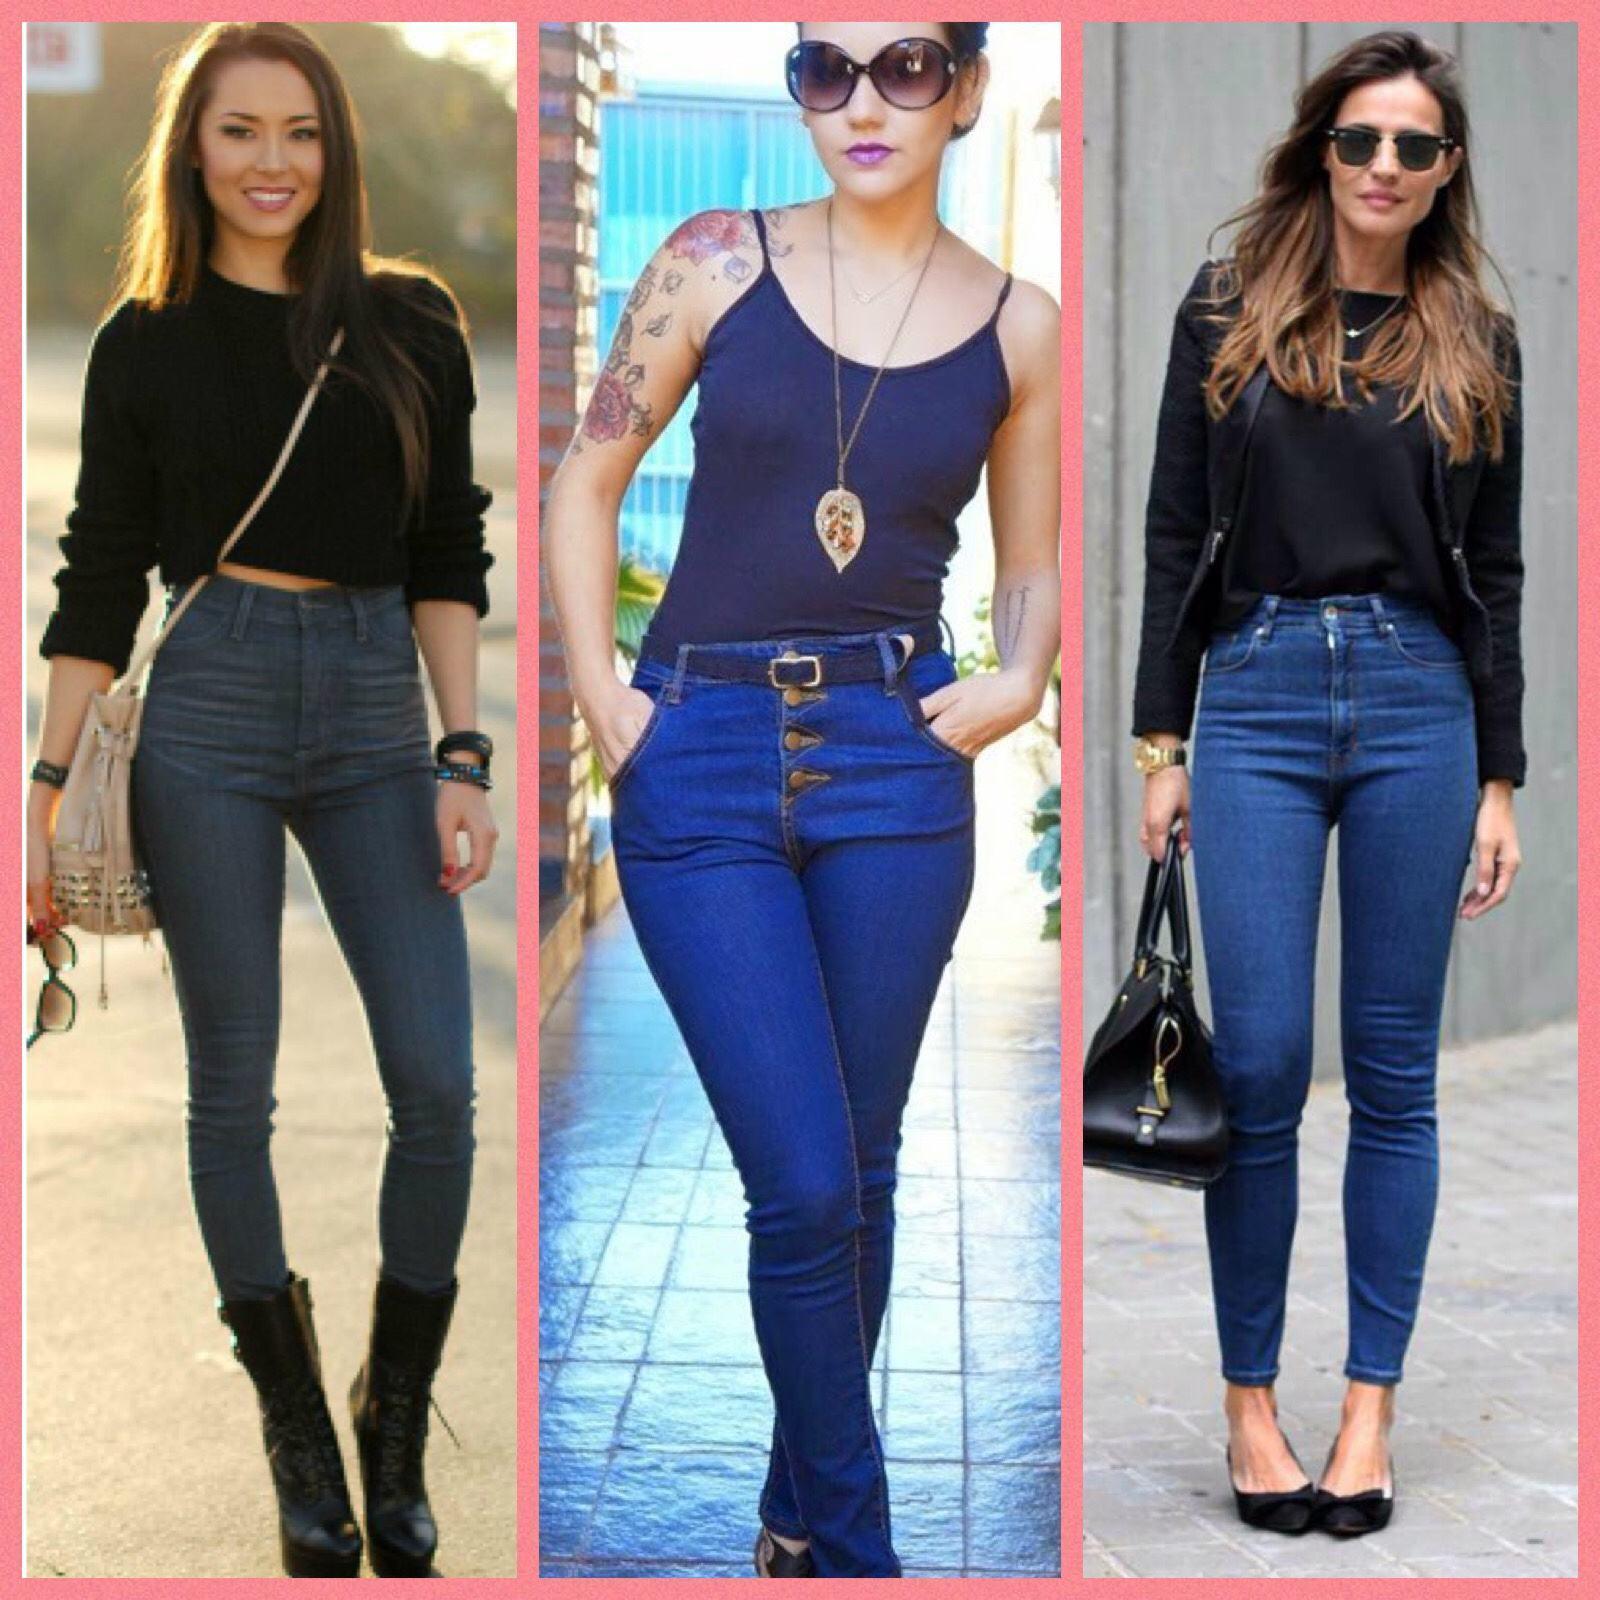 a69a1c7813 Calças jeans que vestem bem e estão super na moda